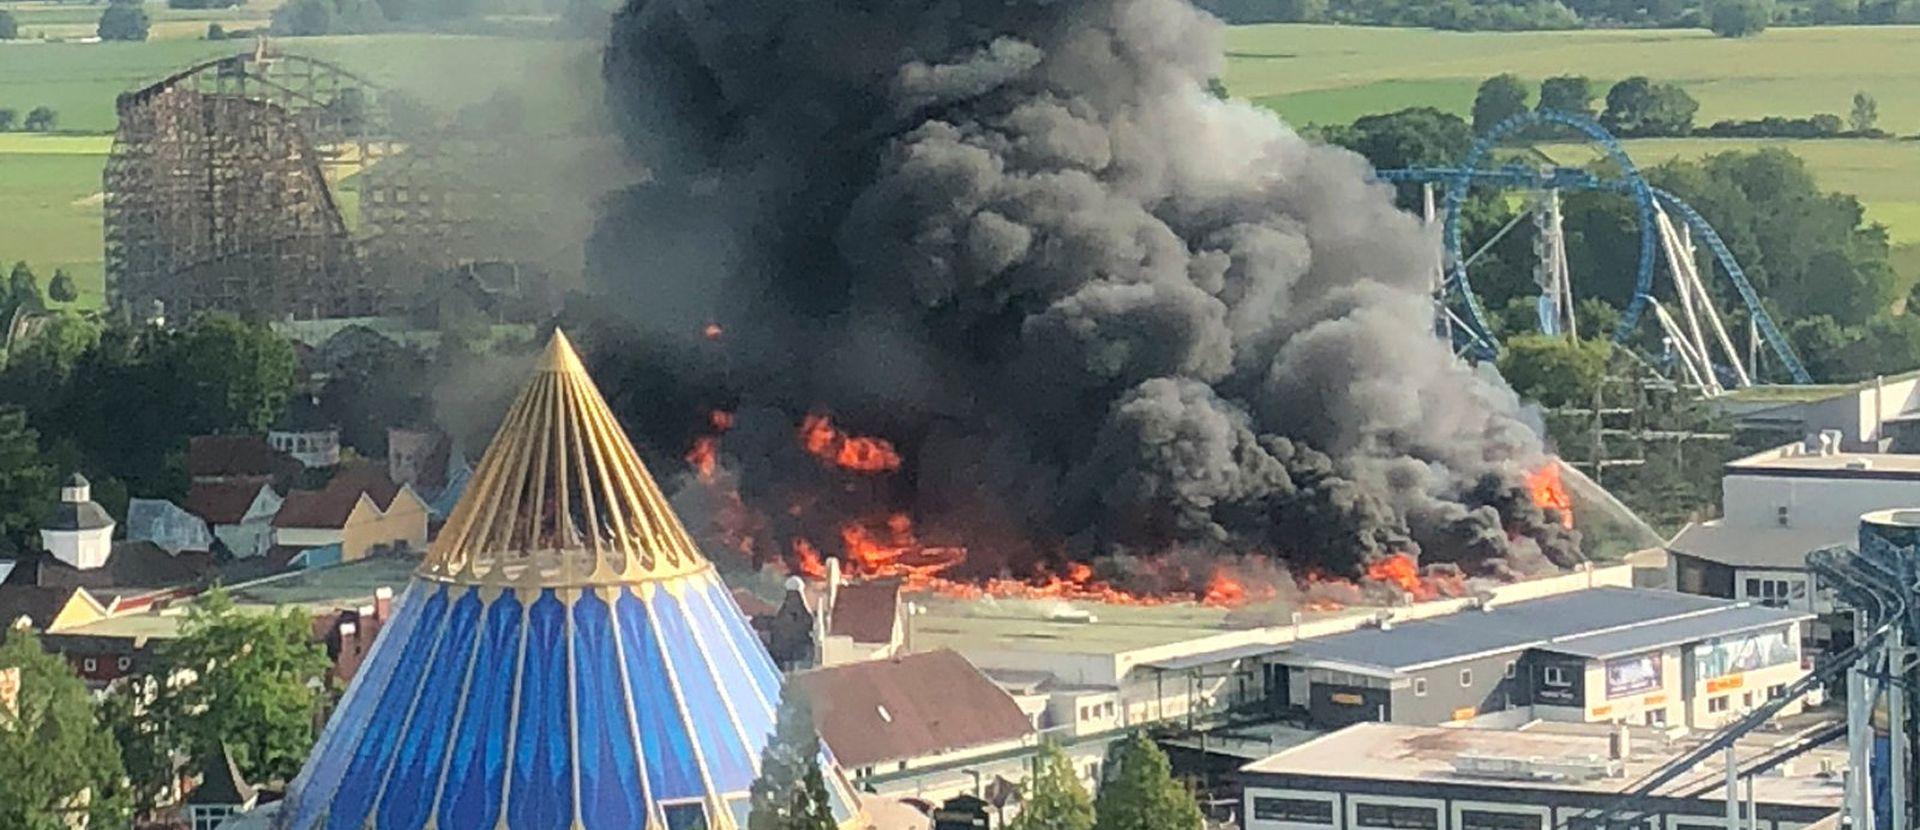 Sedam osoba lakše ozlijeđeno u Europa-Parku u Njemačkoj